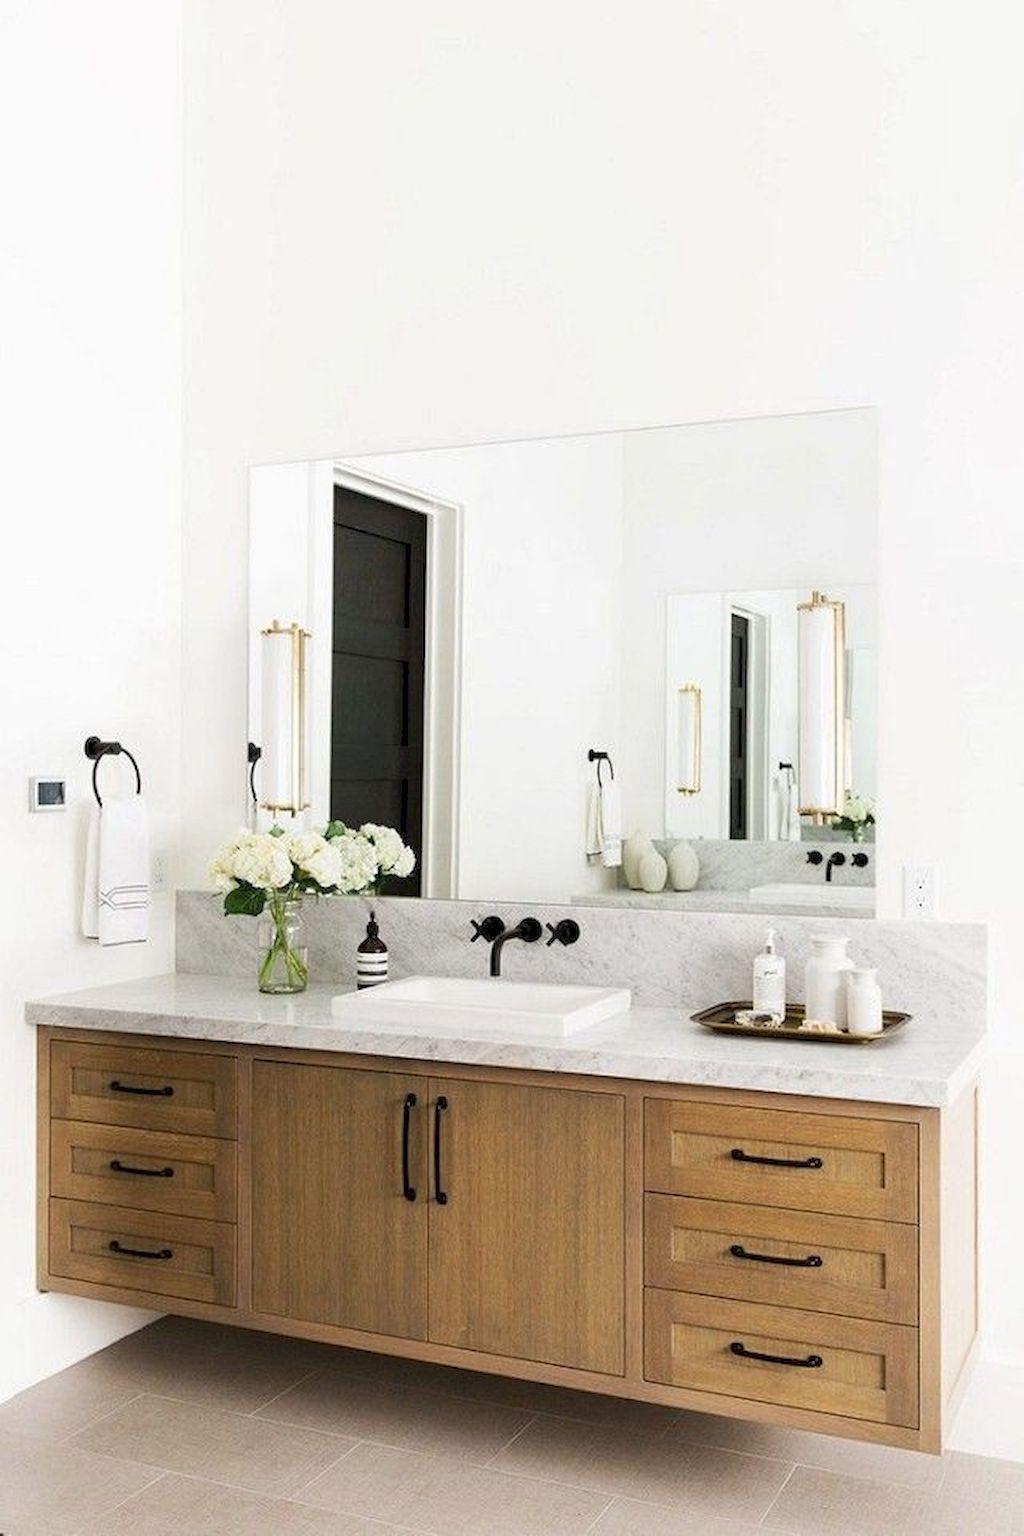 Best Modern Bathroom Ideas Floating Wooden Vanity Modern